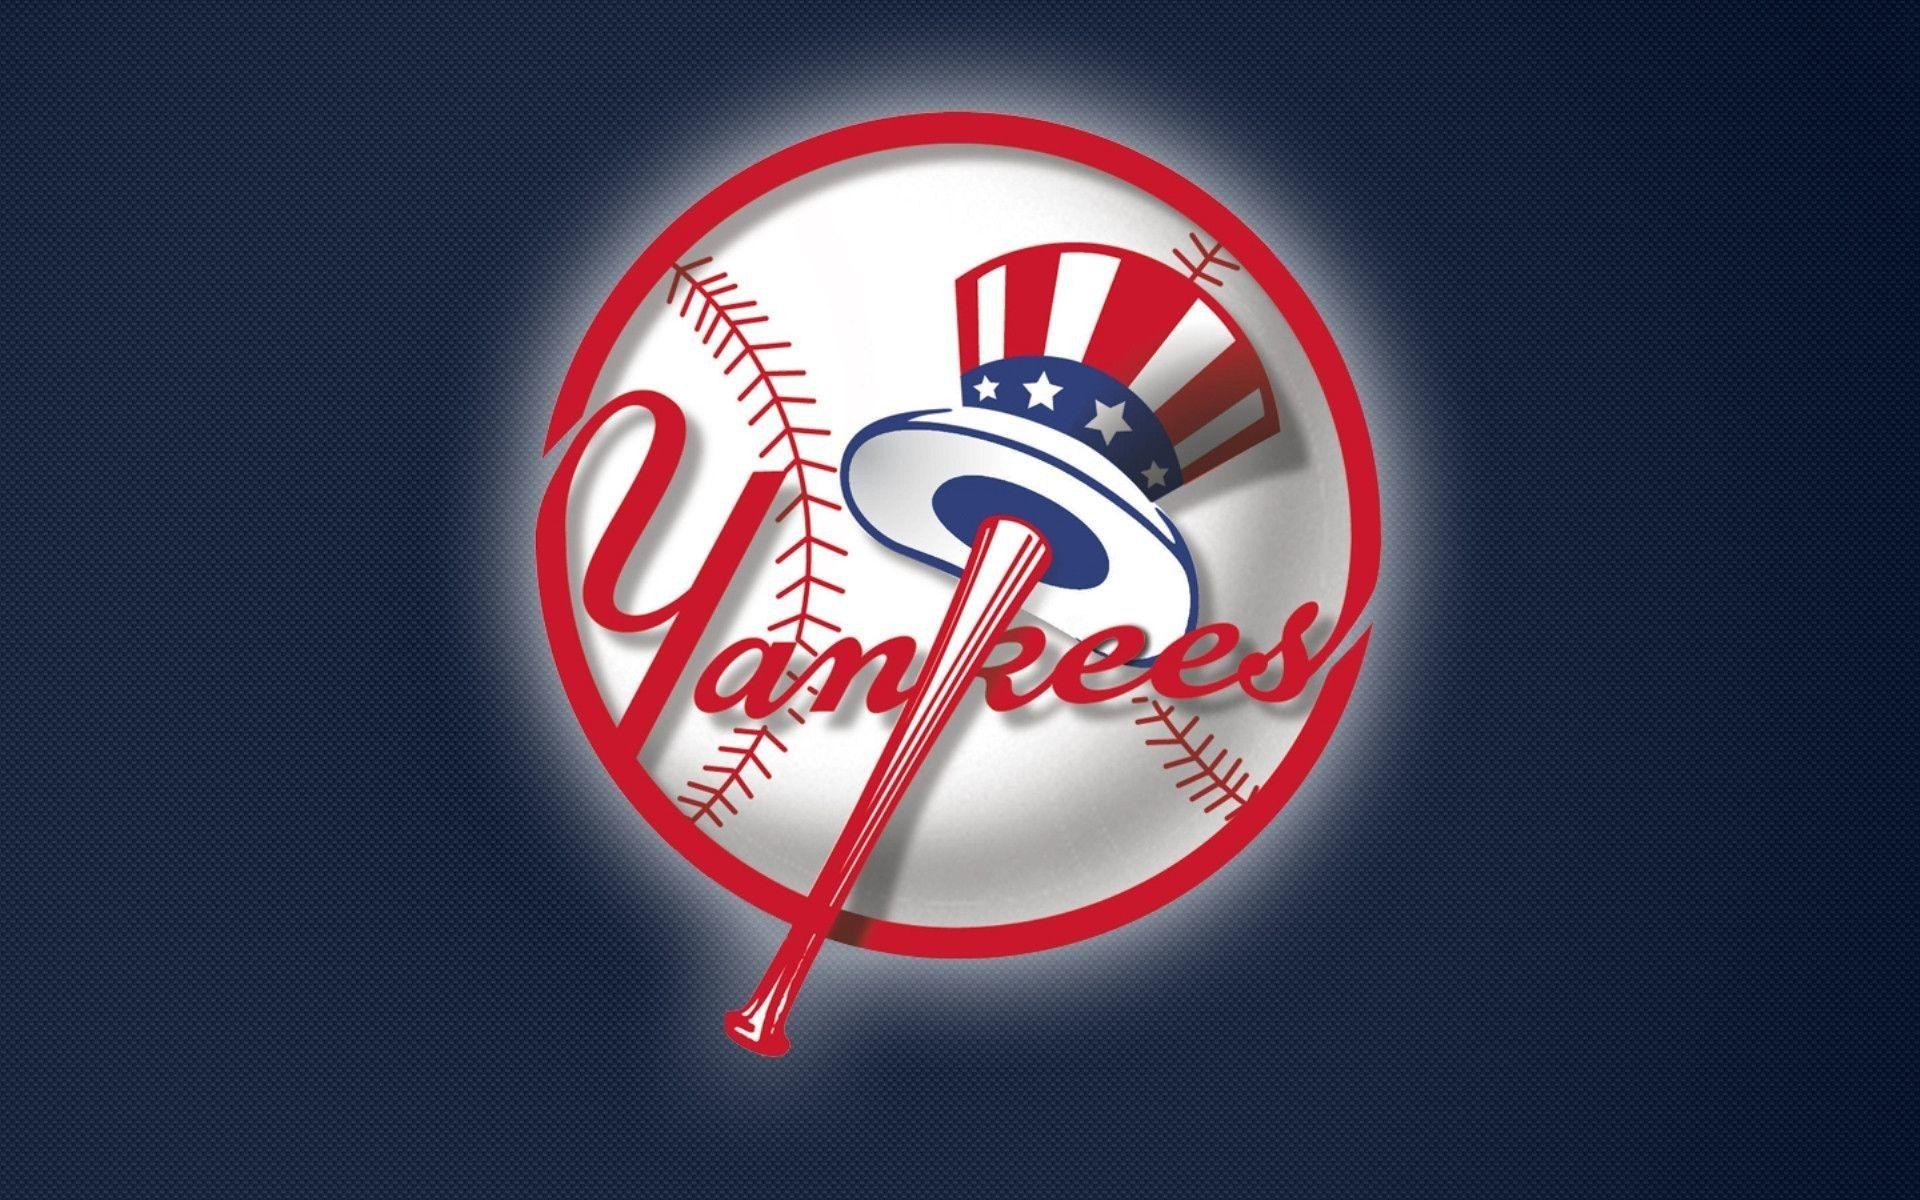 Elegant New York Yankees Wallpaper in 2020 | New york ...